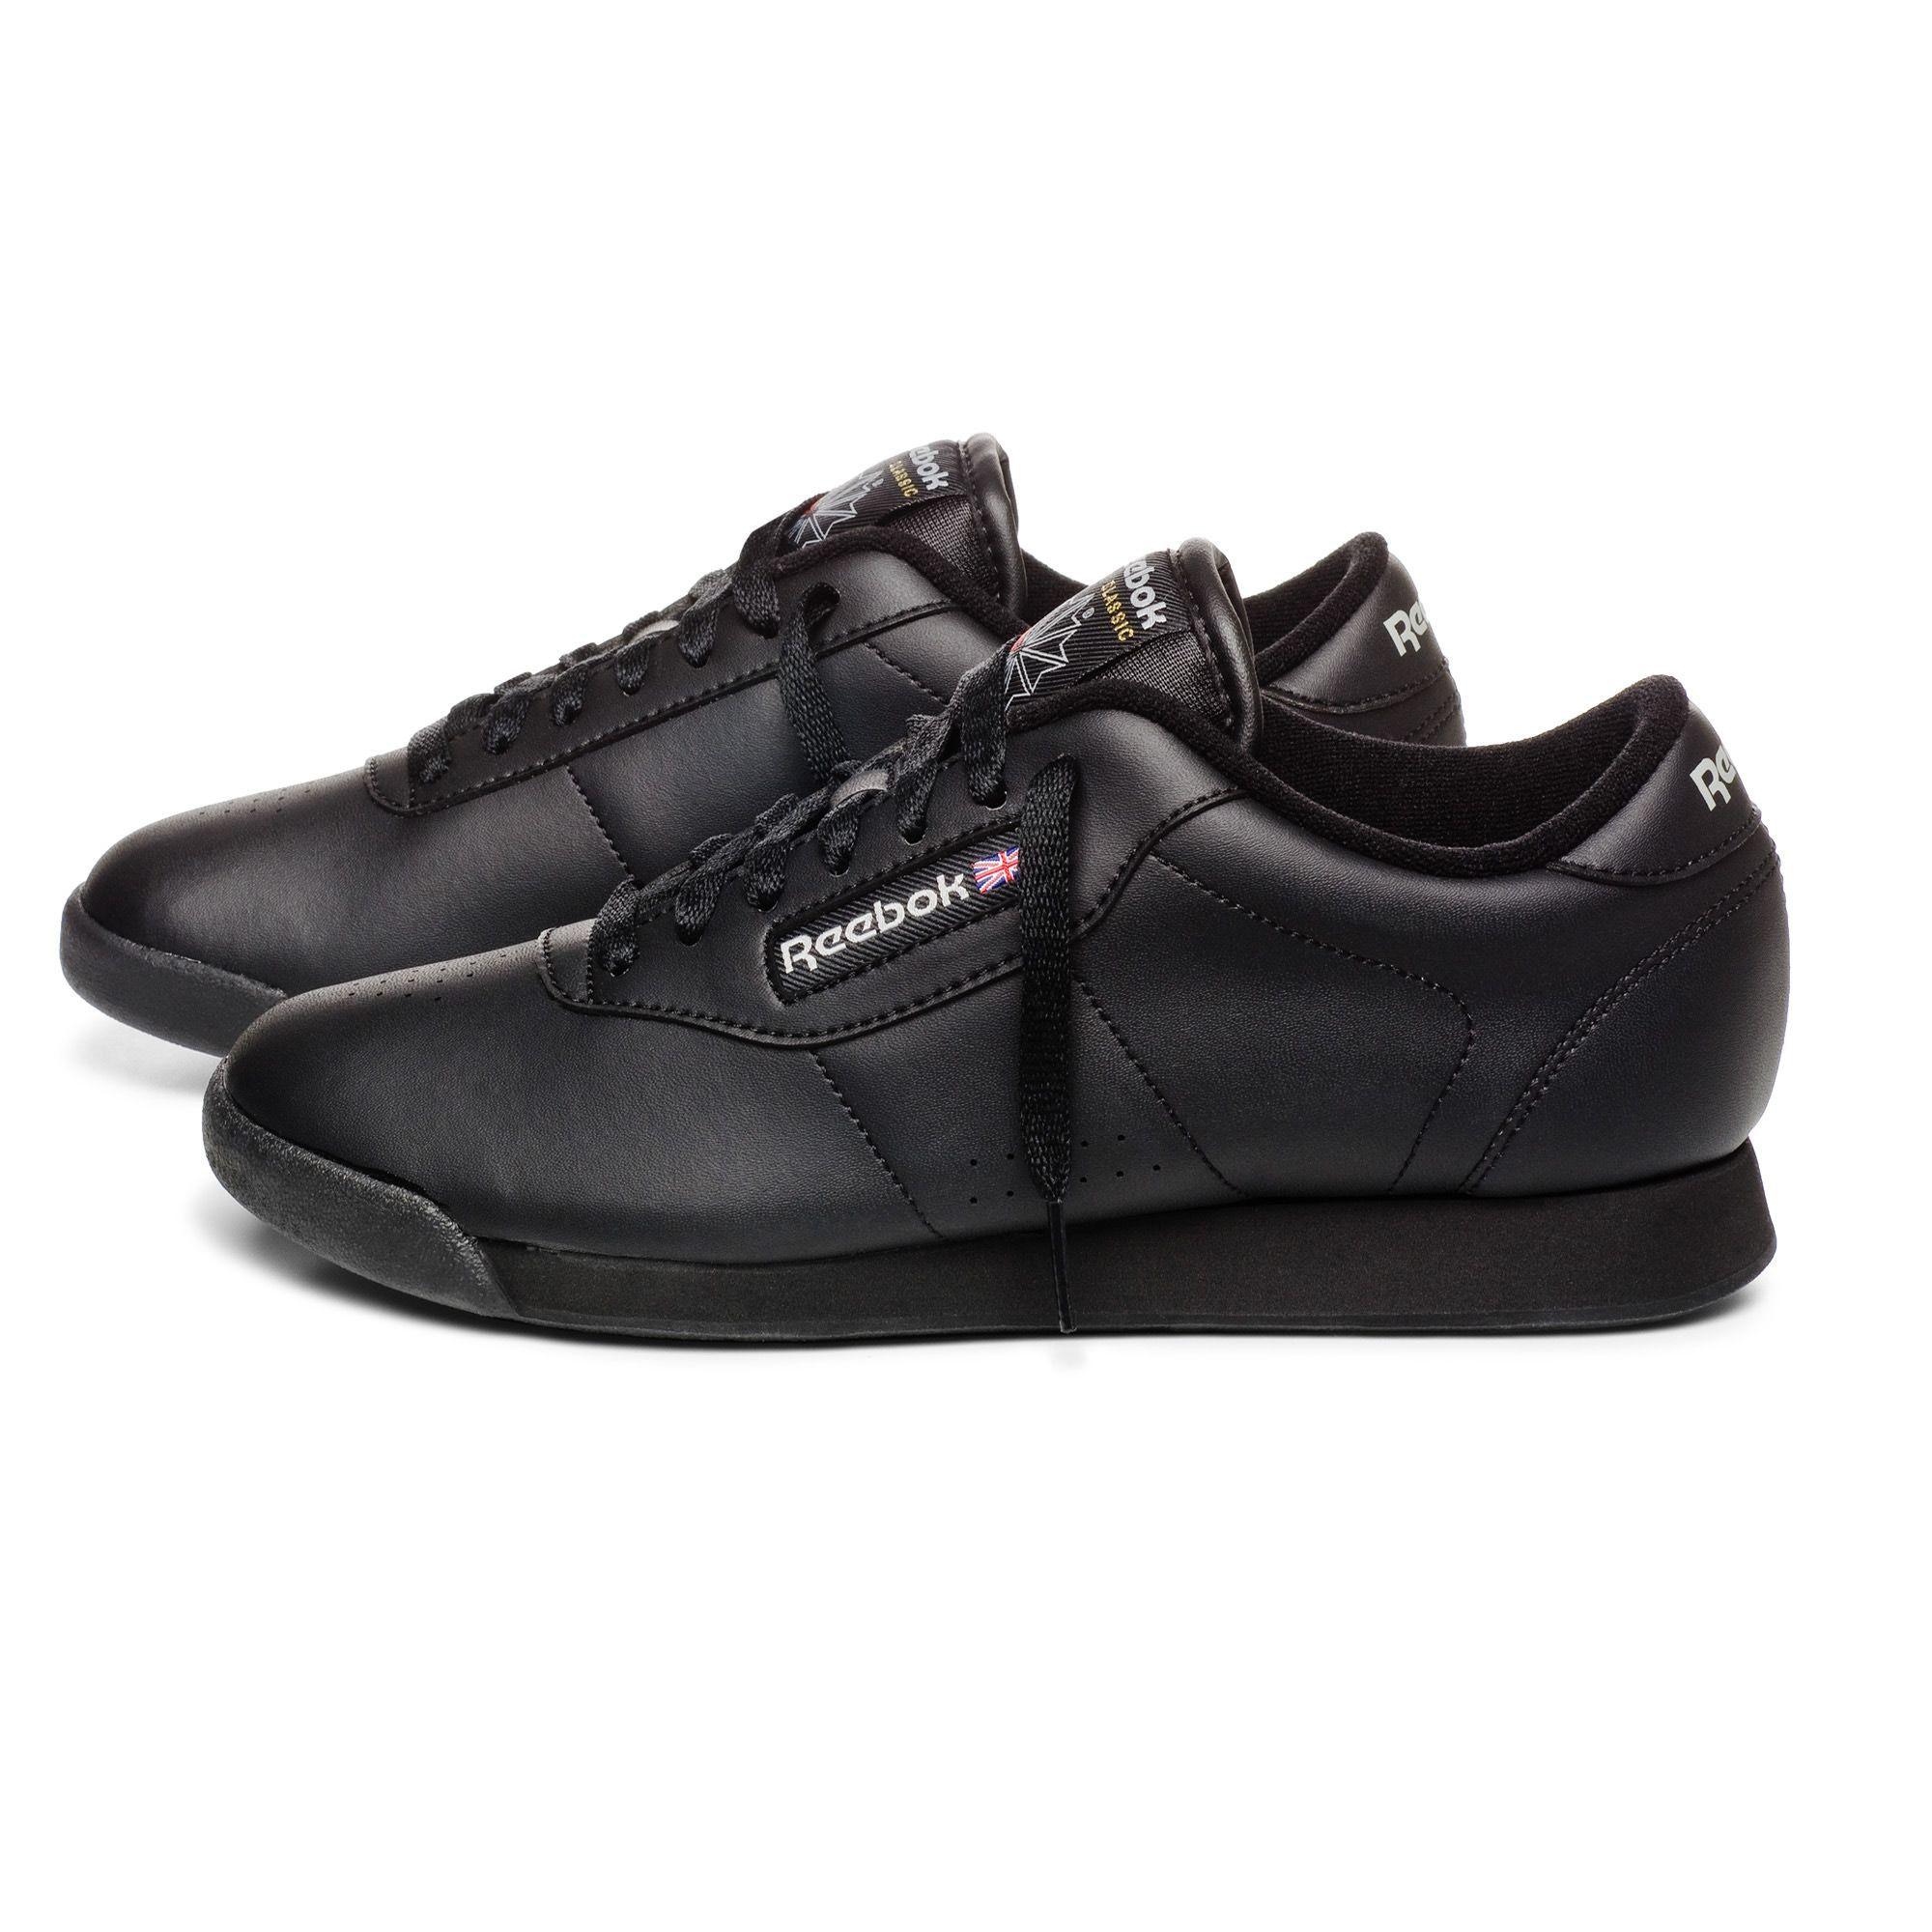 dab09d623bd5d Reebok Princess AK Women s Athletic Casual Shoes